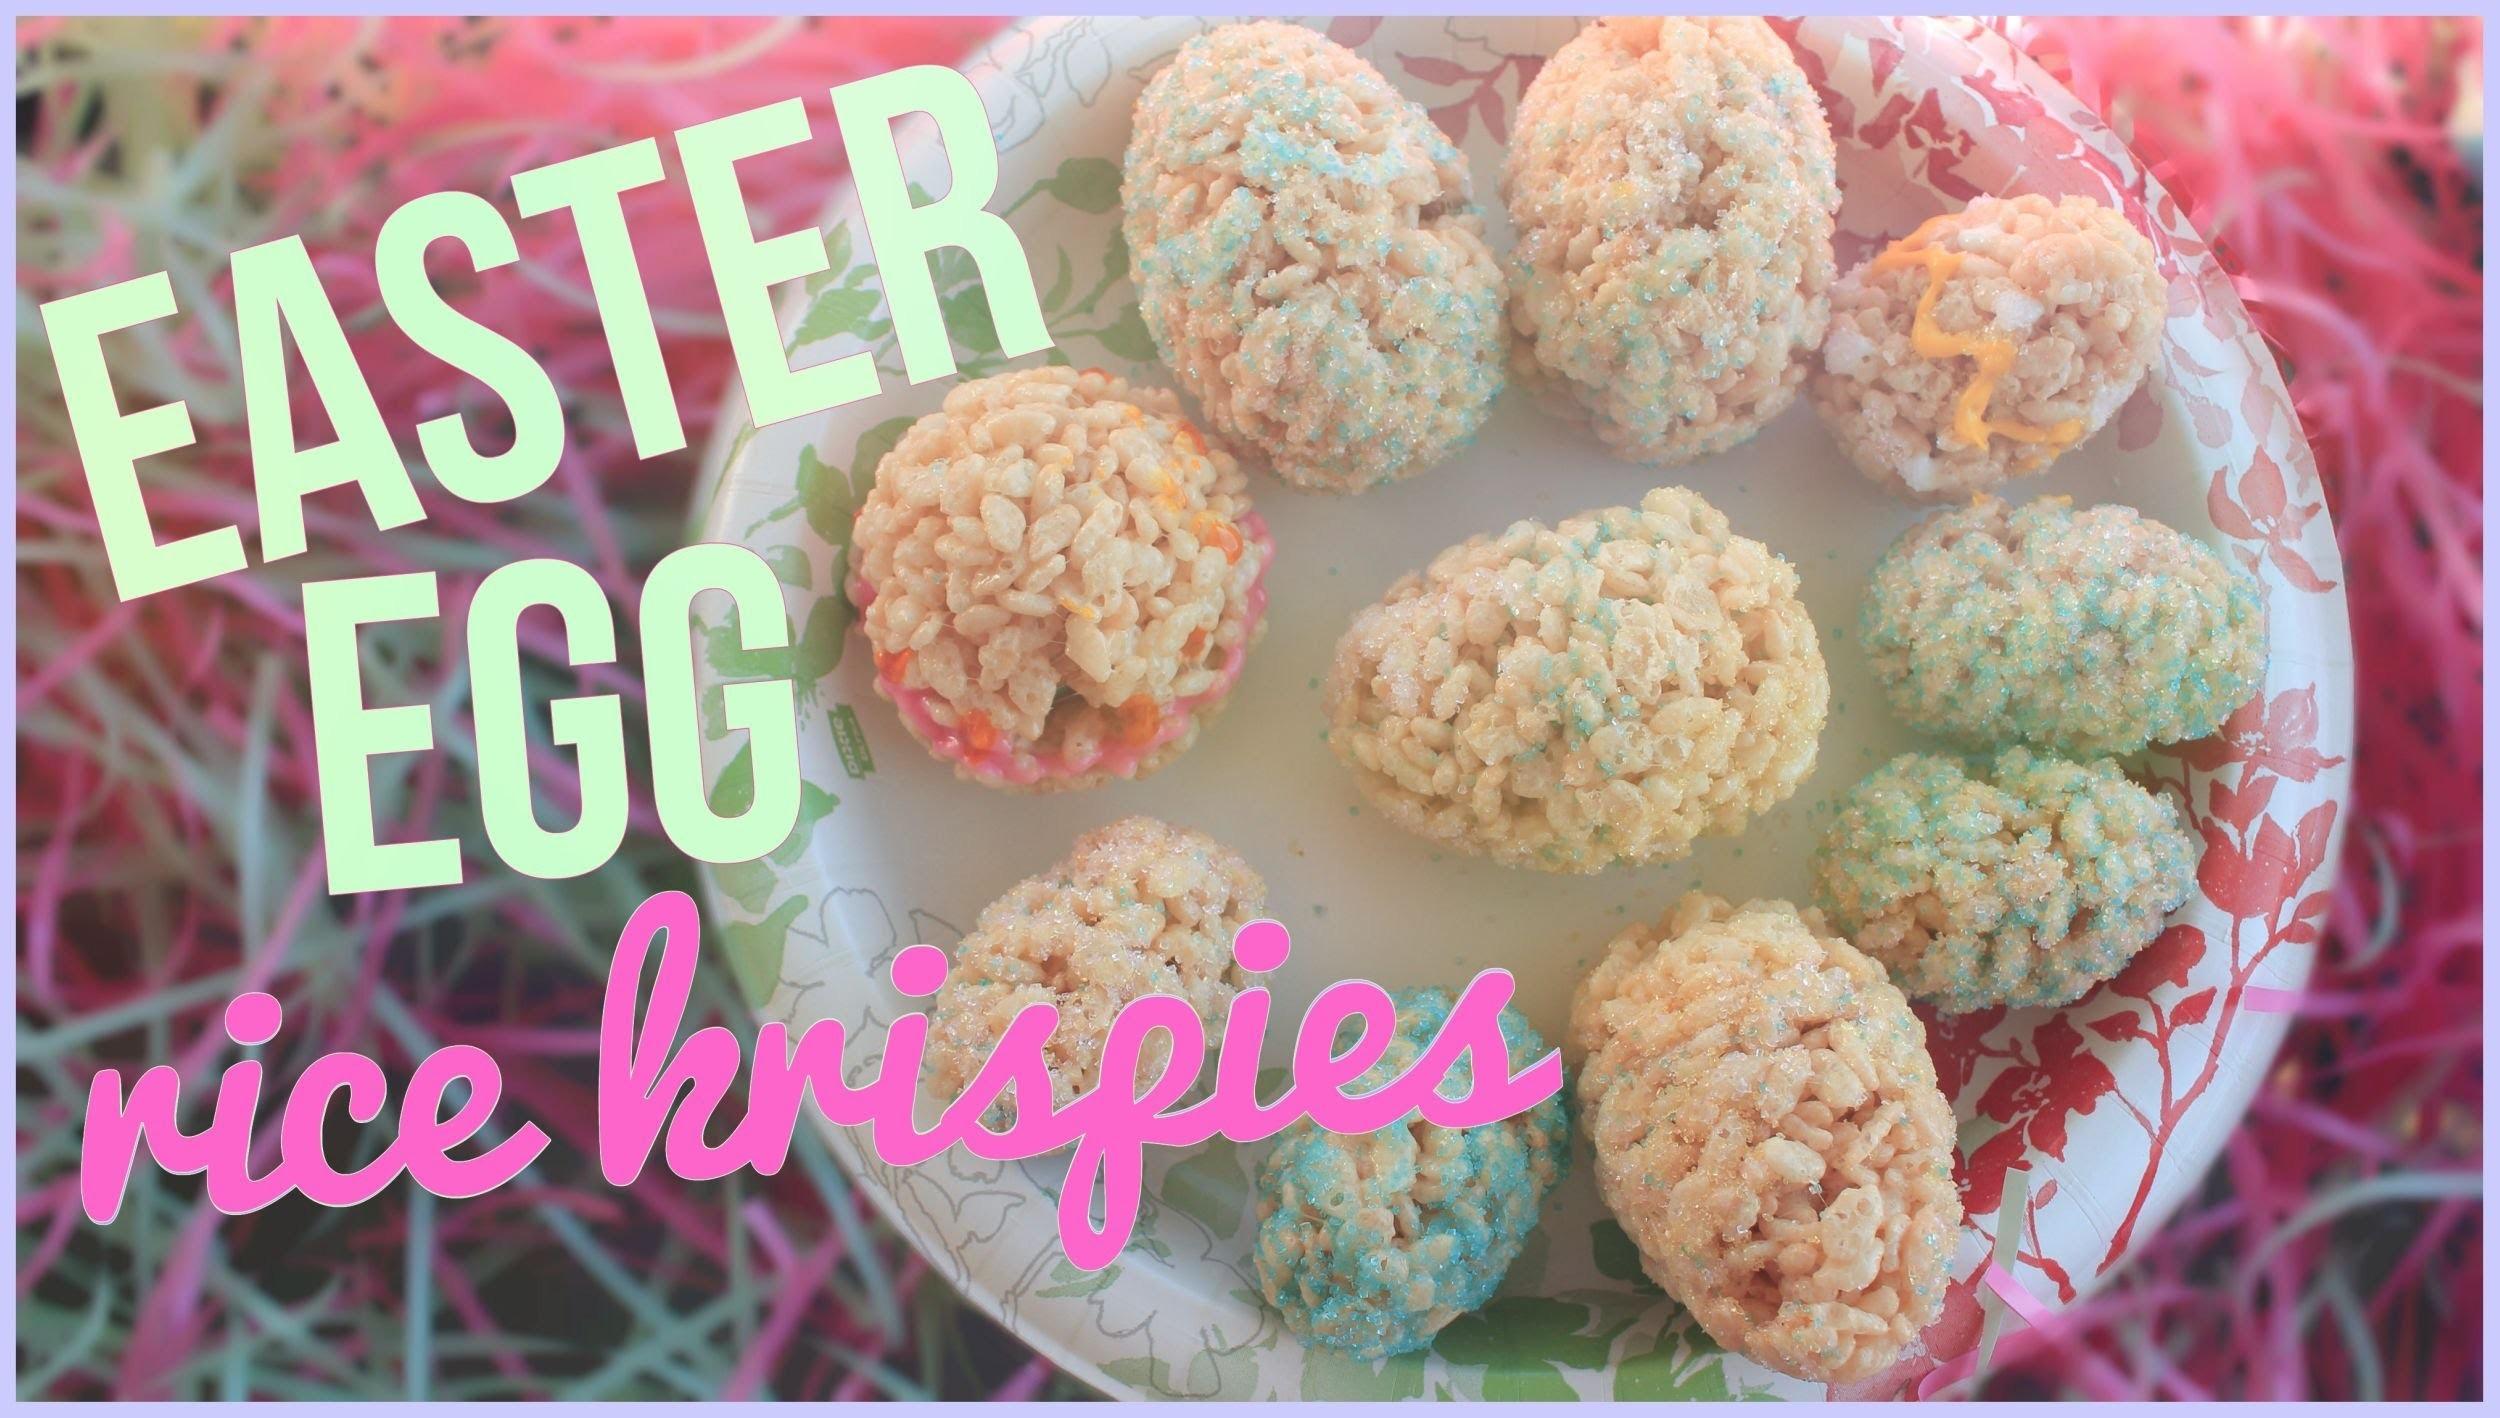 DIY Easter Egg Rice Krispies! ☼